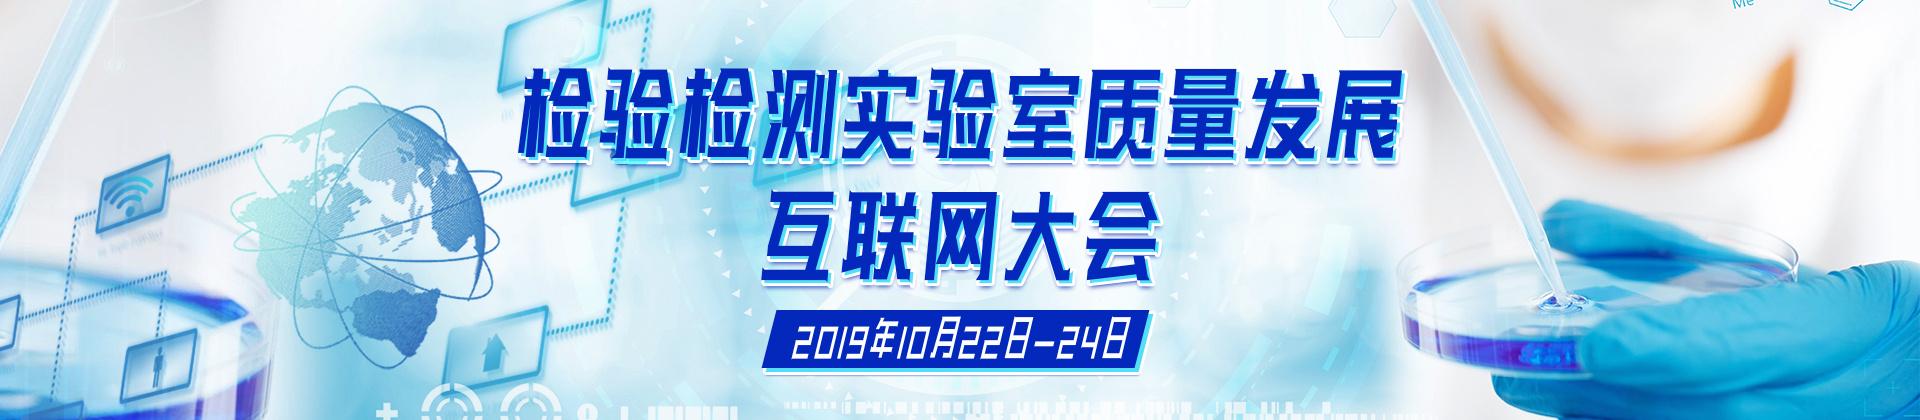 """2019-10-22 09:00 """"检验检测实验室质量发展"""" 互联网大会"""